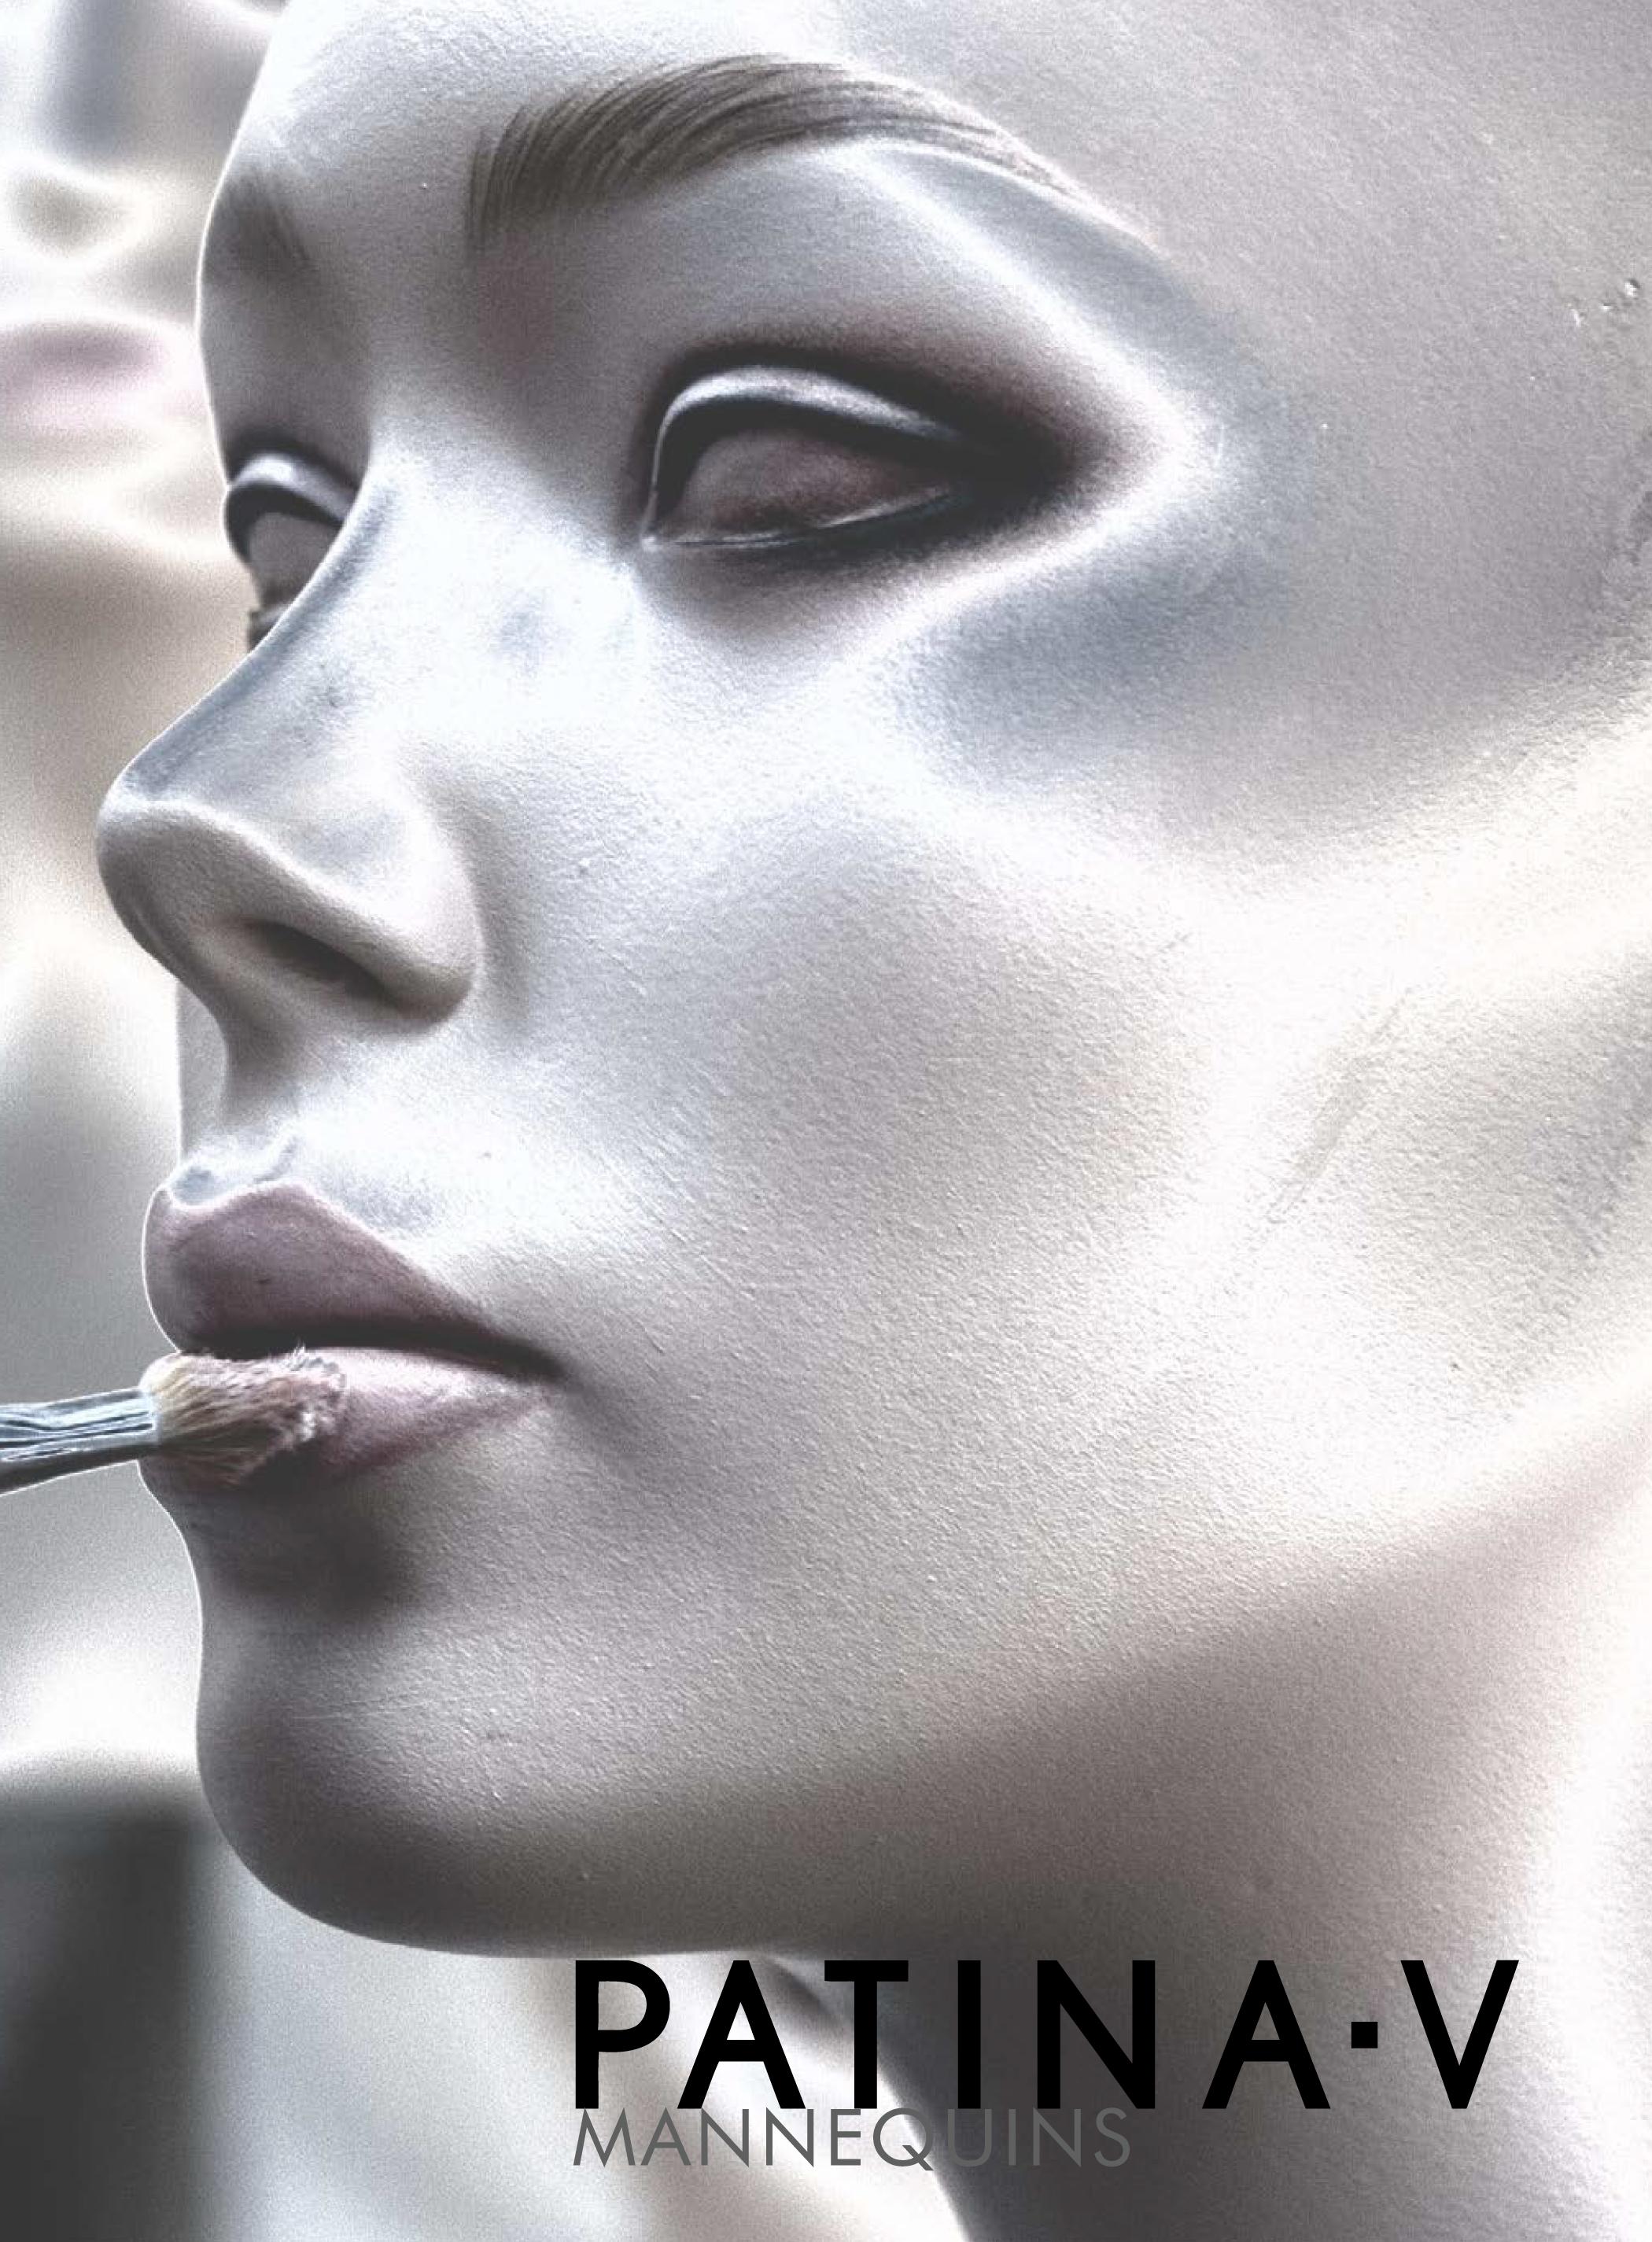 HLS Media Graphic Design Patina-V Mannequins